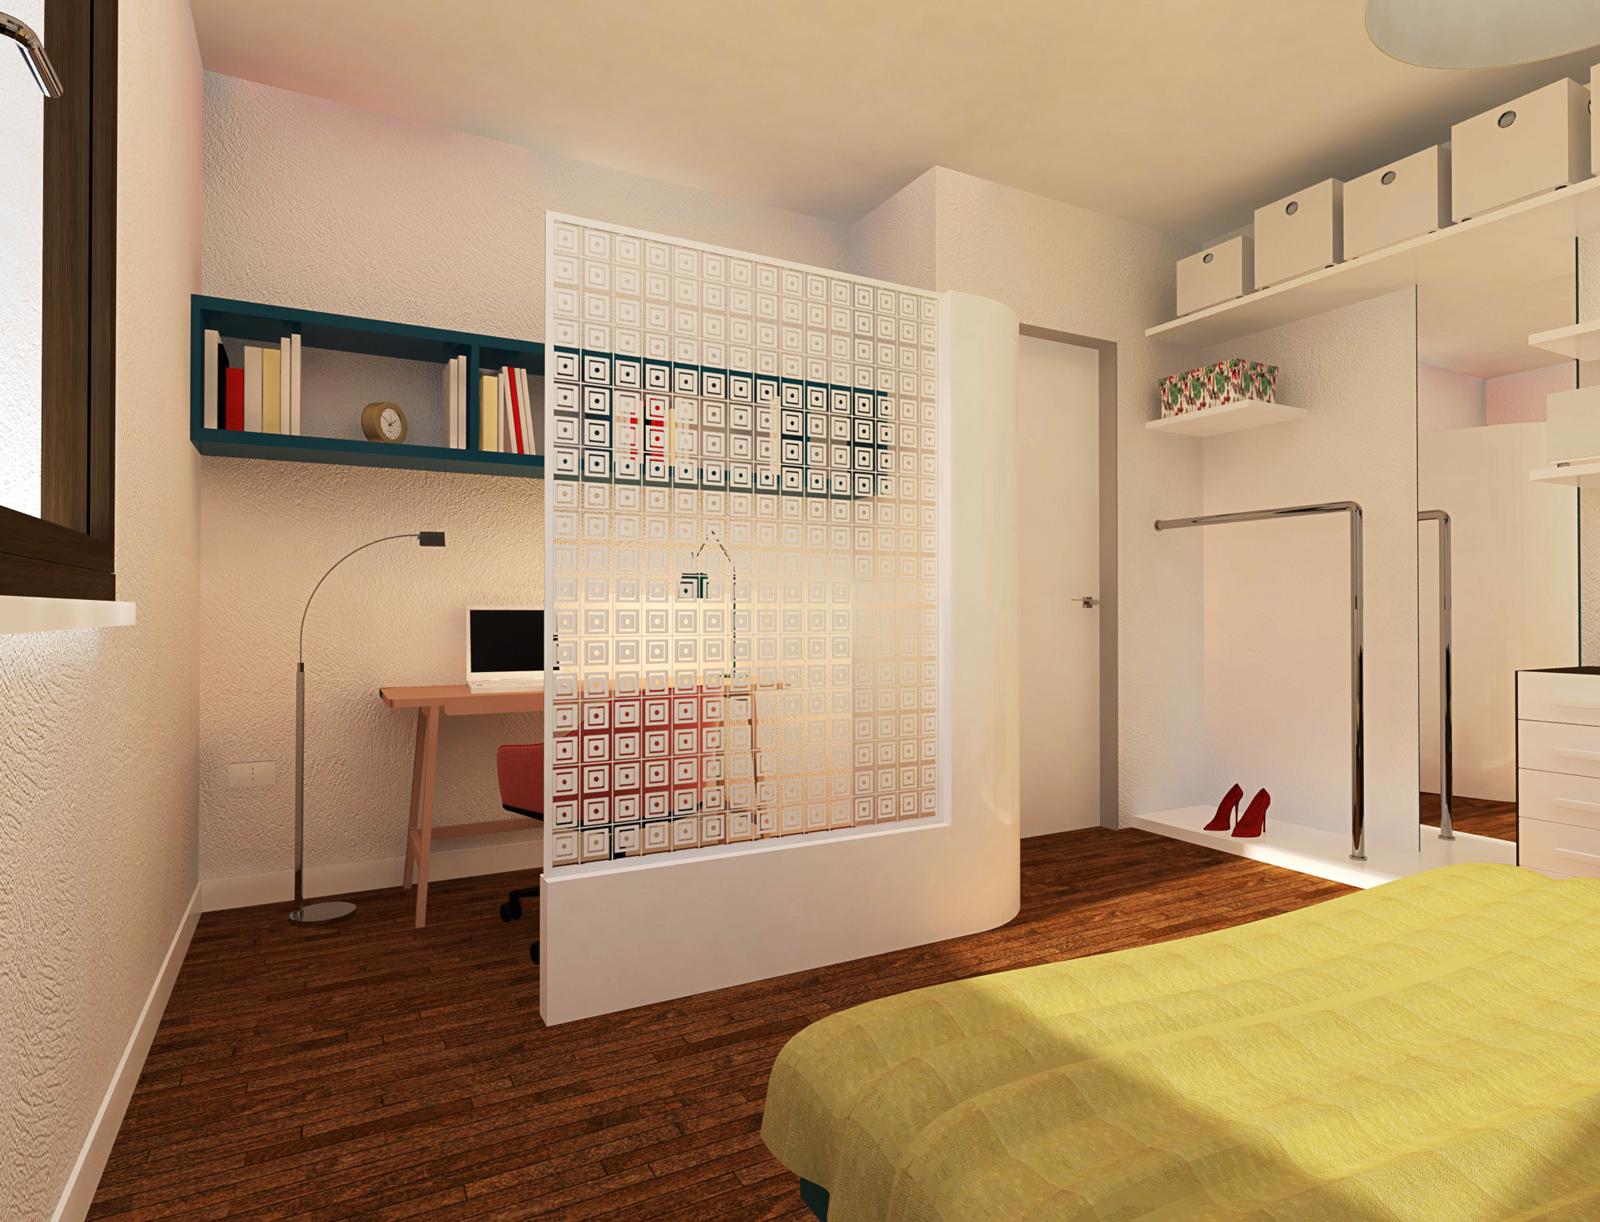 Una quinta semitrasparente per separare una zona studio all 39 interno della camera da letto - Studio in camera da letto ...